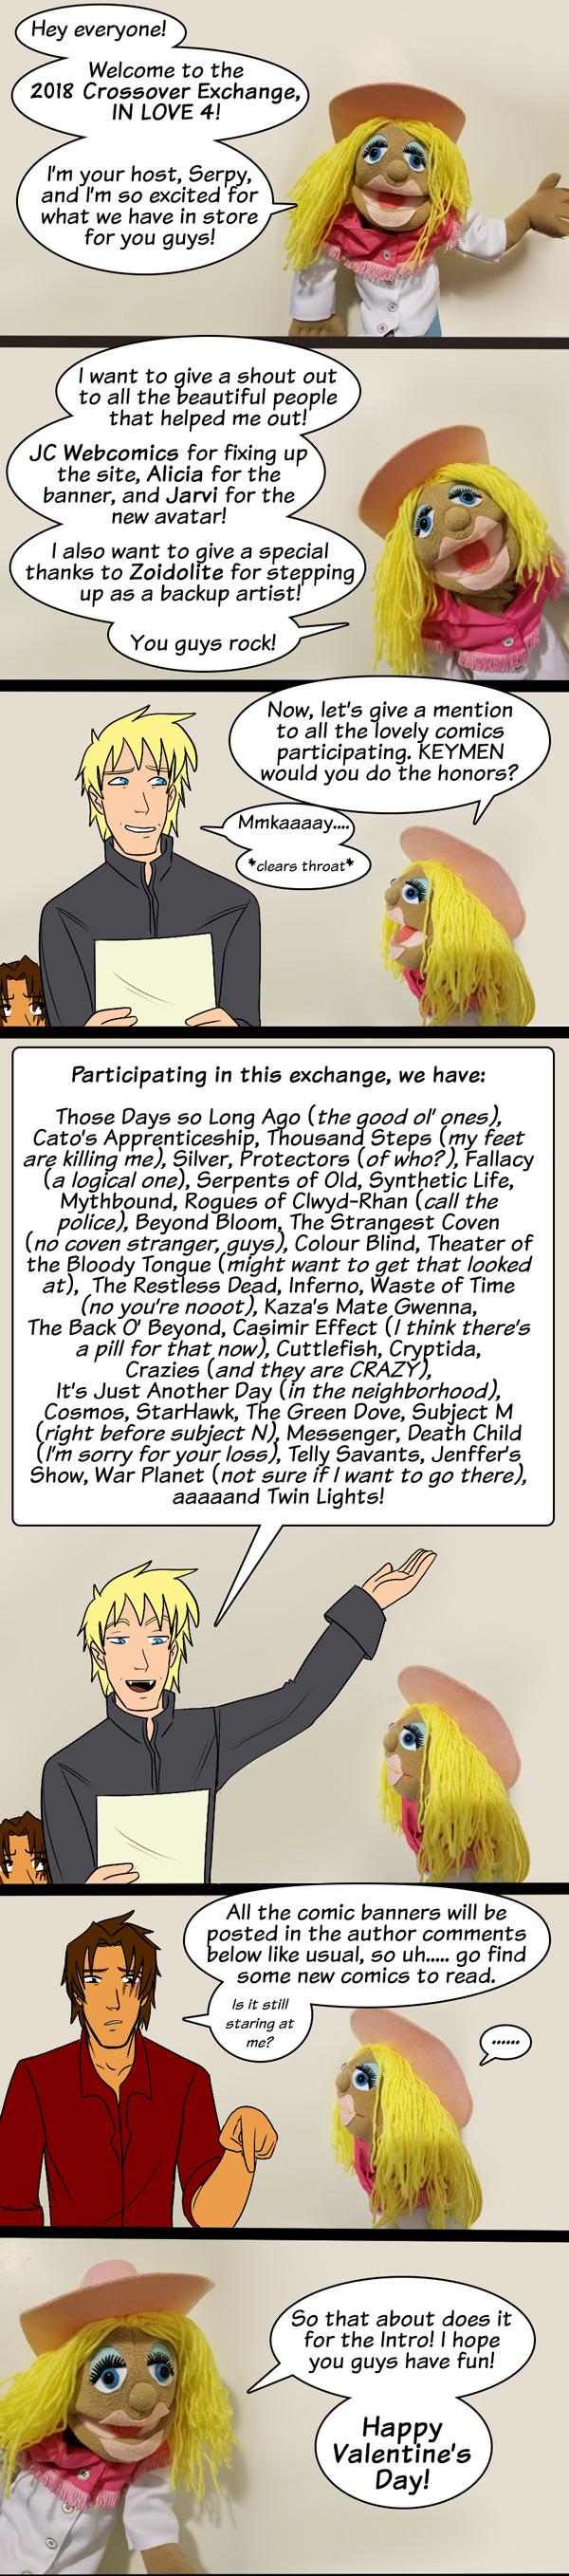 IN LOVE 4, Intro Comic!